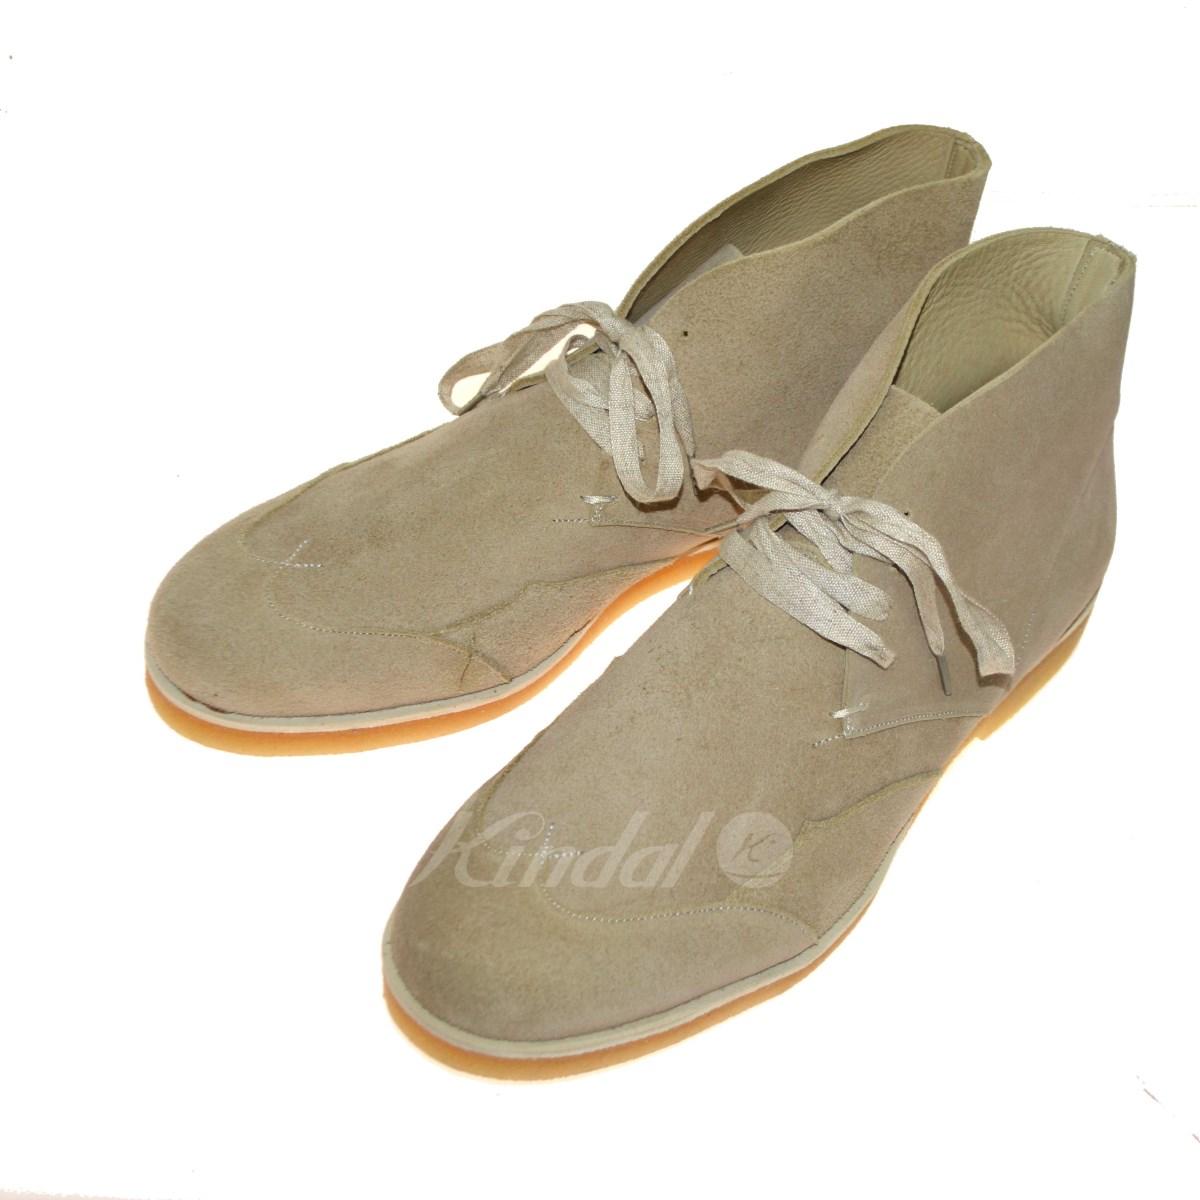 【中古】foot the coacher CHUKKA WING チャッカブーツ ベージュ サイズ:9 【送料無料】 【020419】(フットザコーチャー)